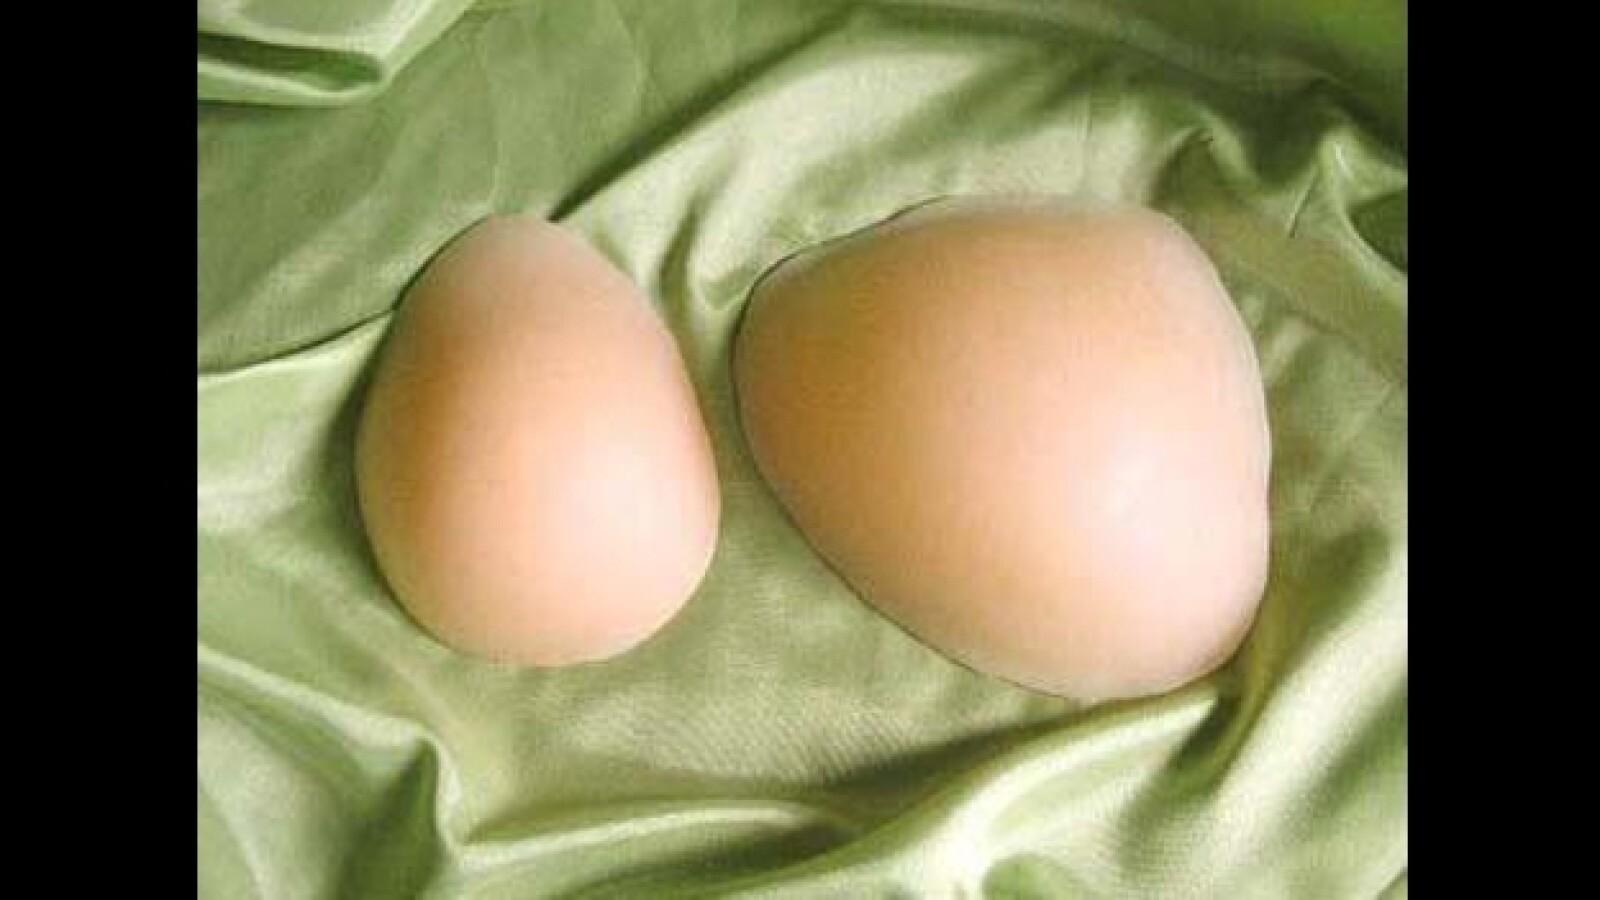 protesis gel polimero mastectomia